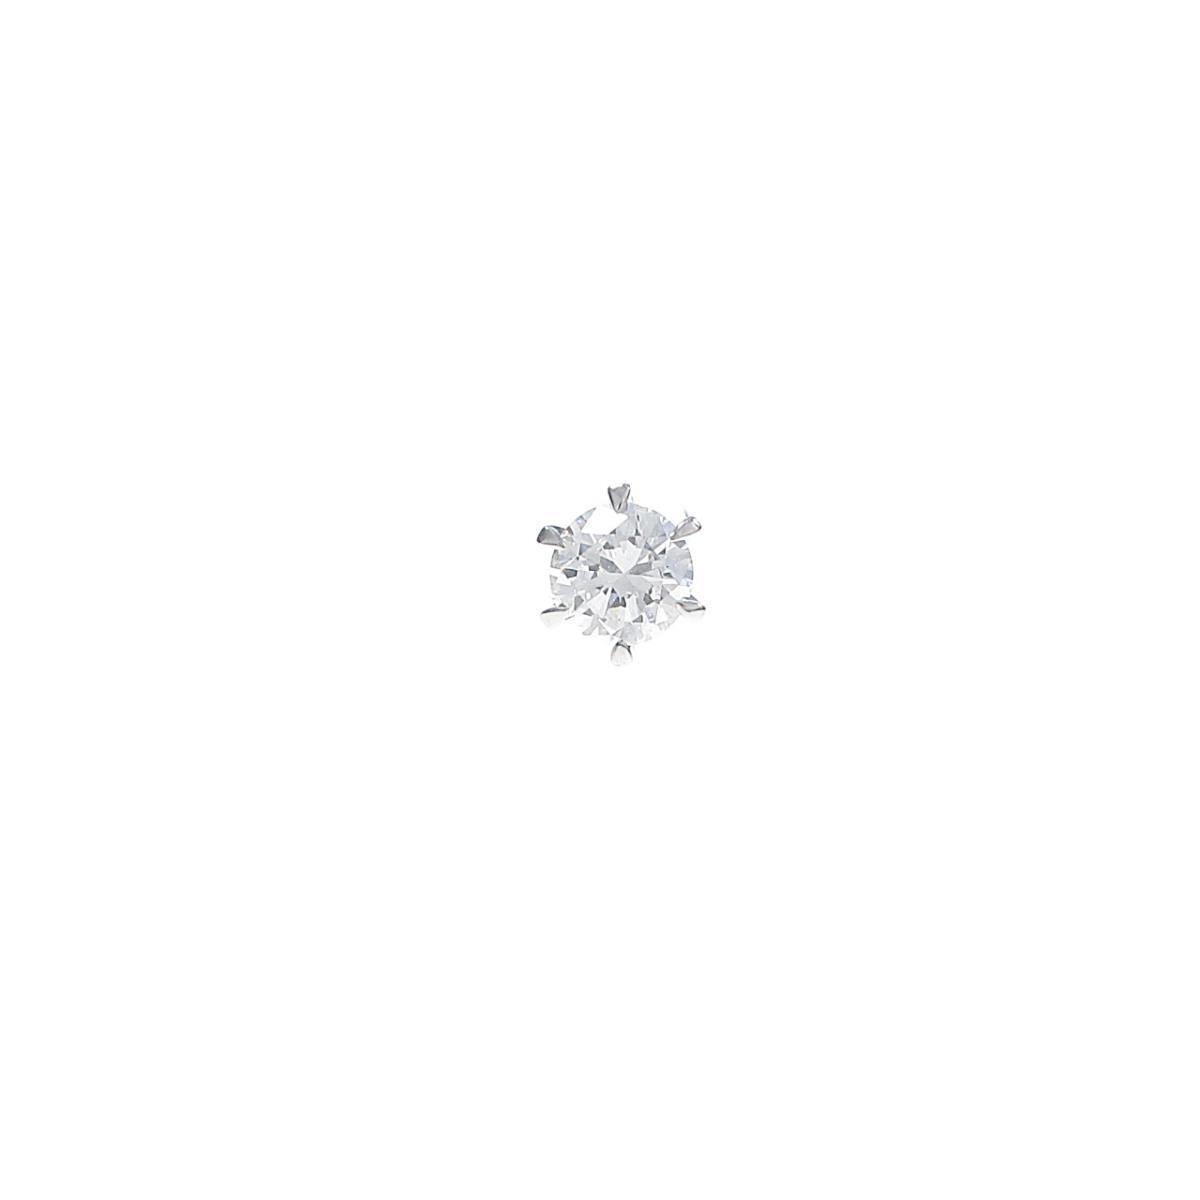 【リメイク】プラチナダイヤモンドピアス 0.307ct・F・I1・GOOD 片耳【中古】